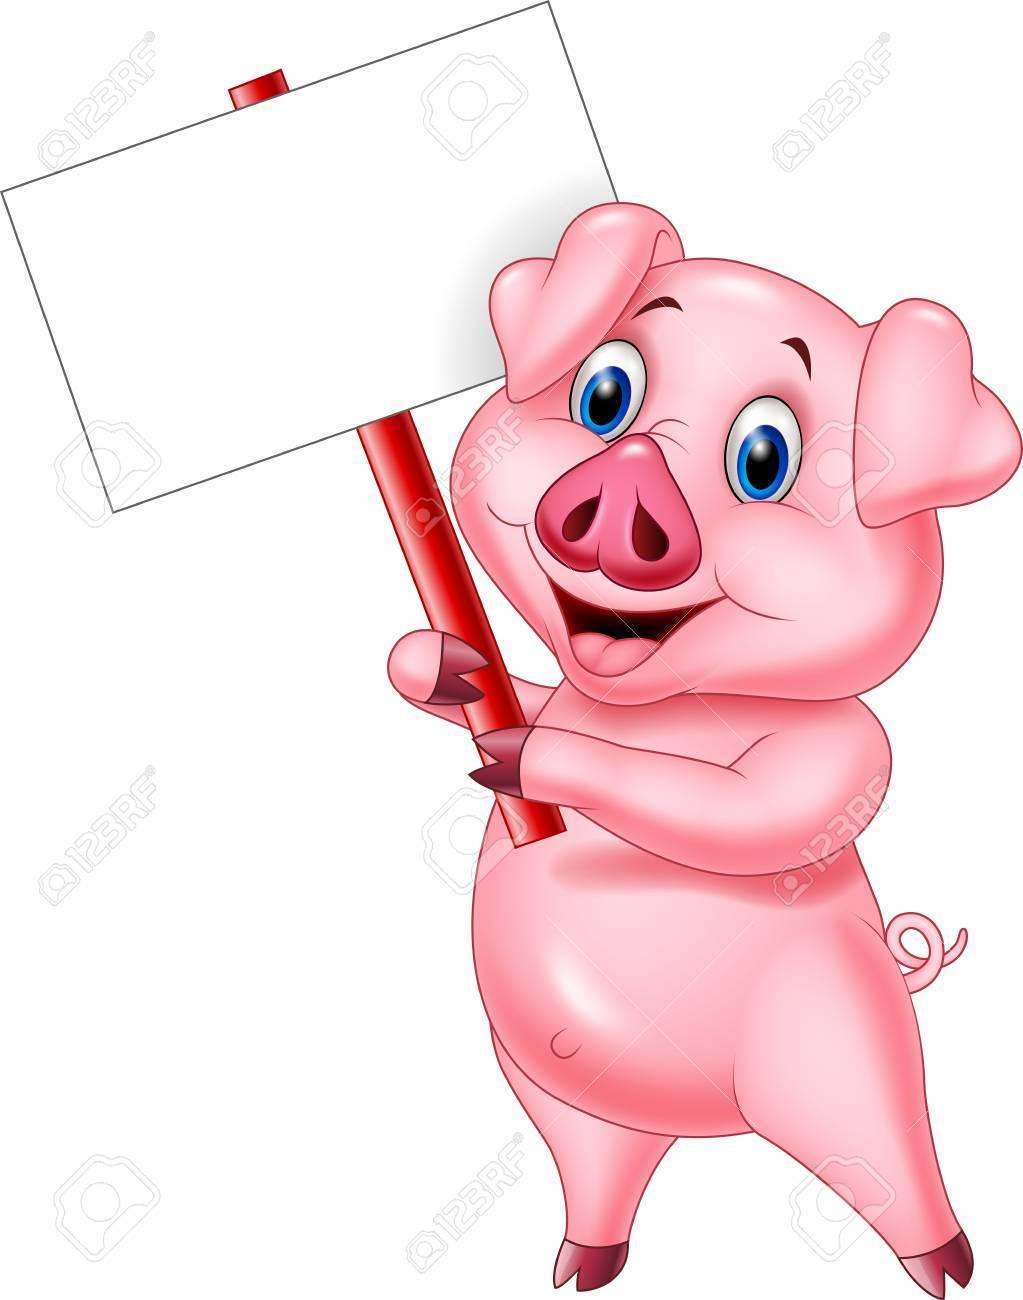 Cochon Dessin illustration vectorielle de cochon dessin animé tenant une pancarte